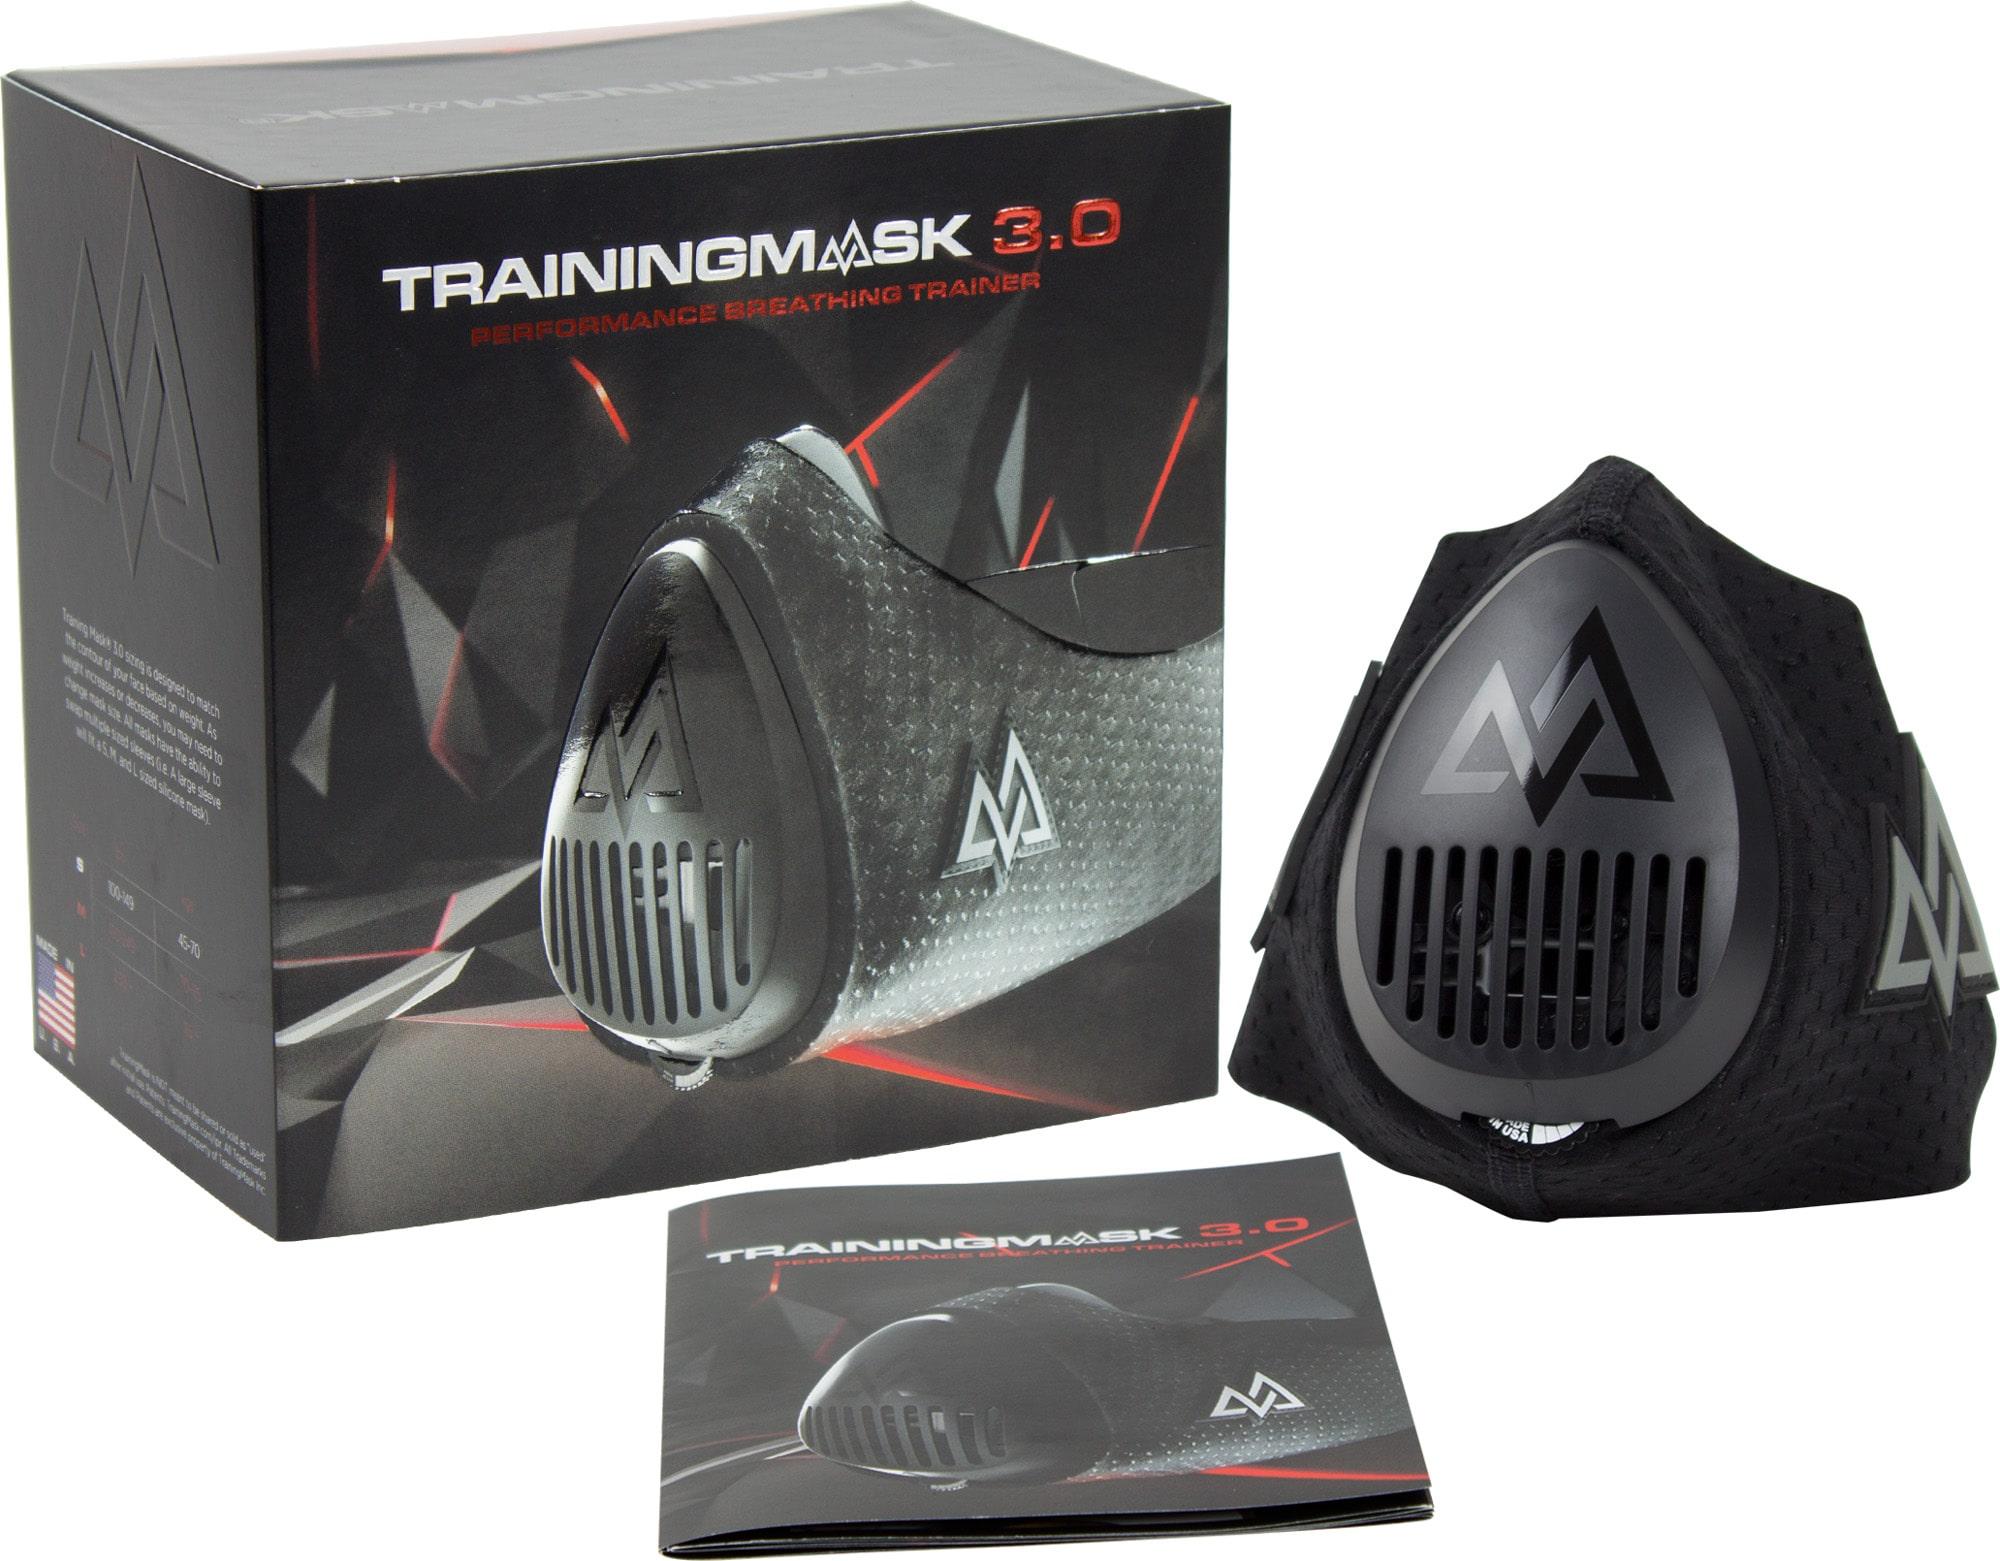 Elevation Training Mask 3.0